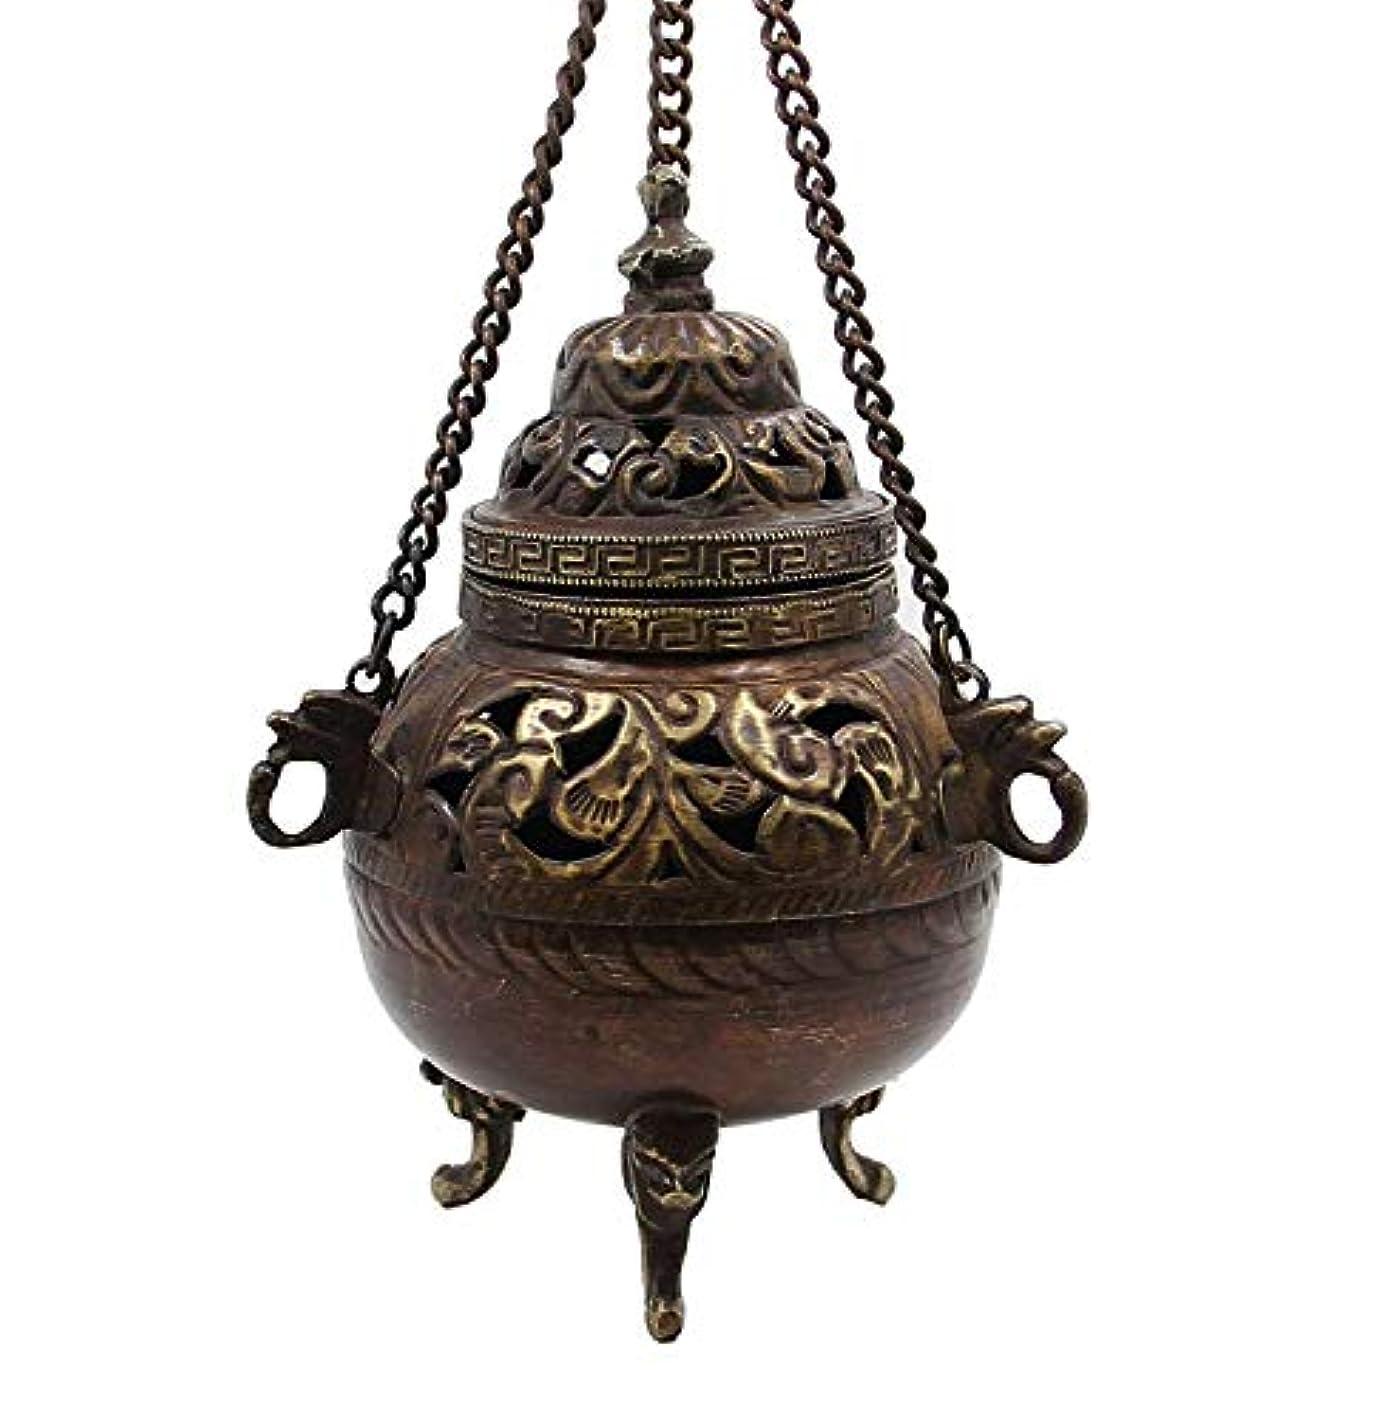 噛む不振相互チベット従来DharmaObjects Hanging香炉銅5 cm高